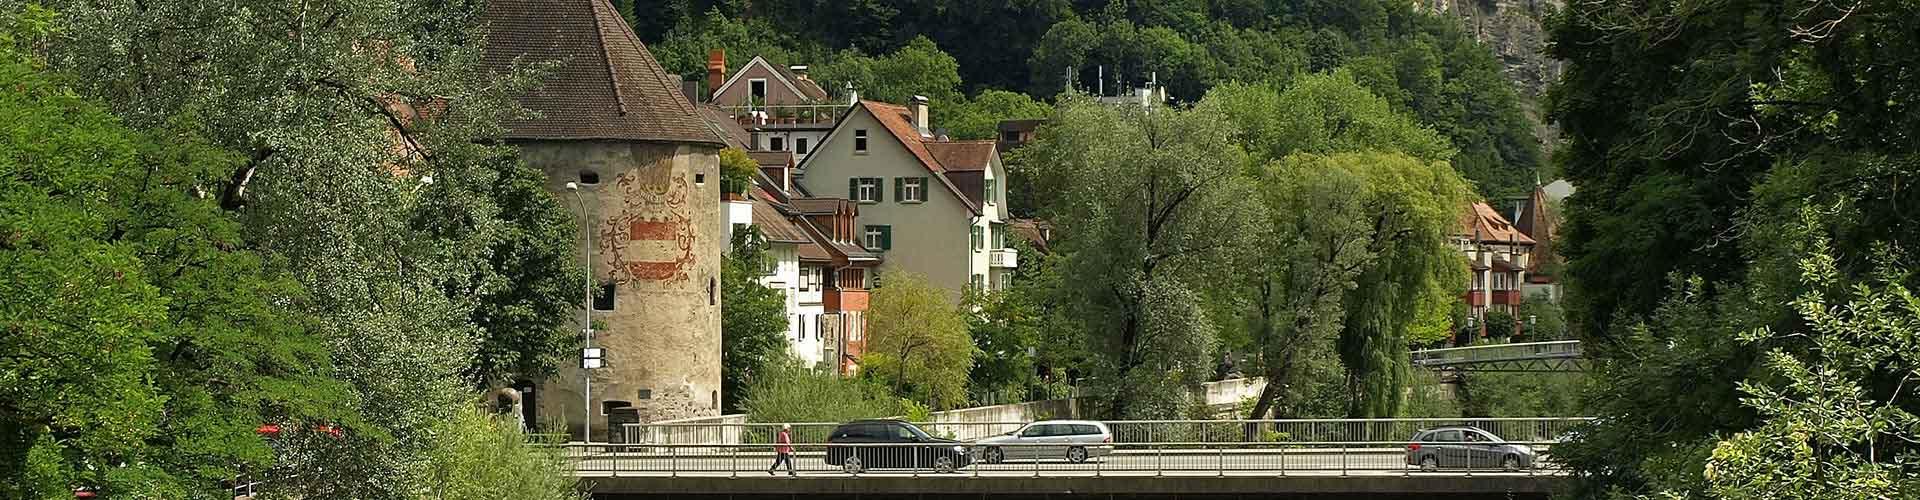 Feldkirch - Hostales en Feldkirch. Mapas de Feldkirch, Fotos y comentarios de cada Hostal en Feldkirch.